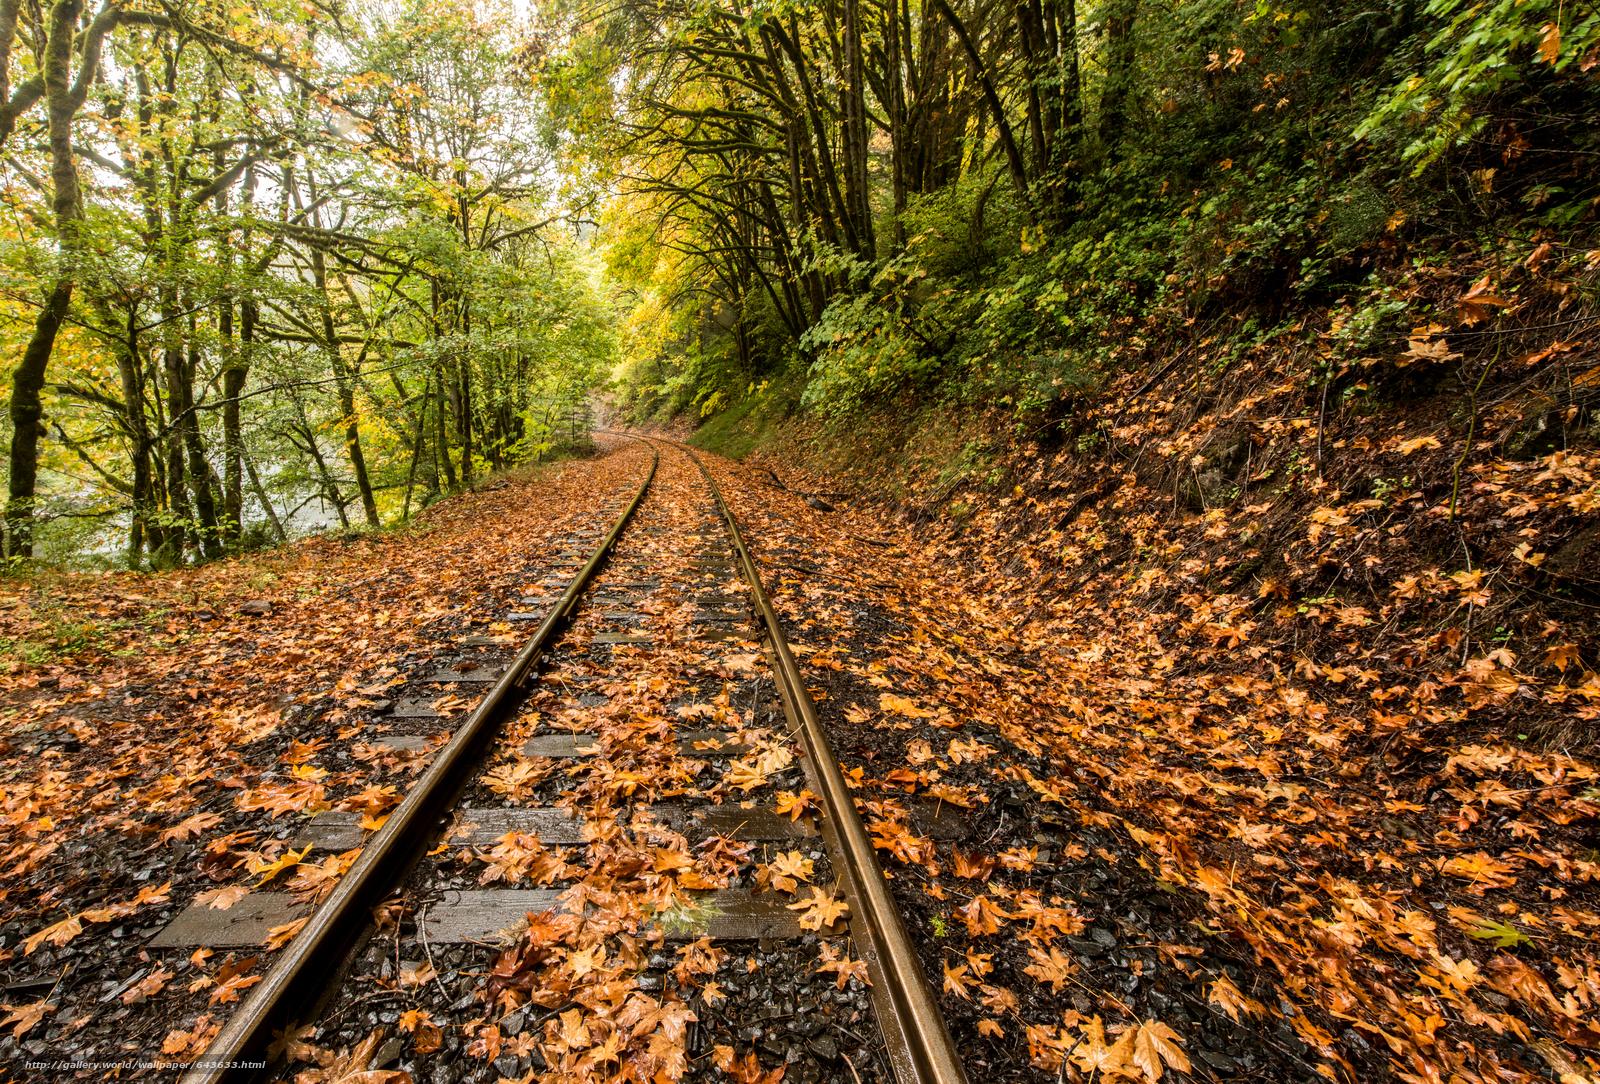 Скачать обои Дождь,  листья,  река,  железная дорога бесплатно для рабочего стола в разрешении 6786x4596 — картинка №643633